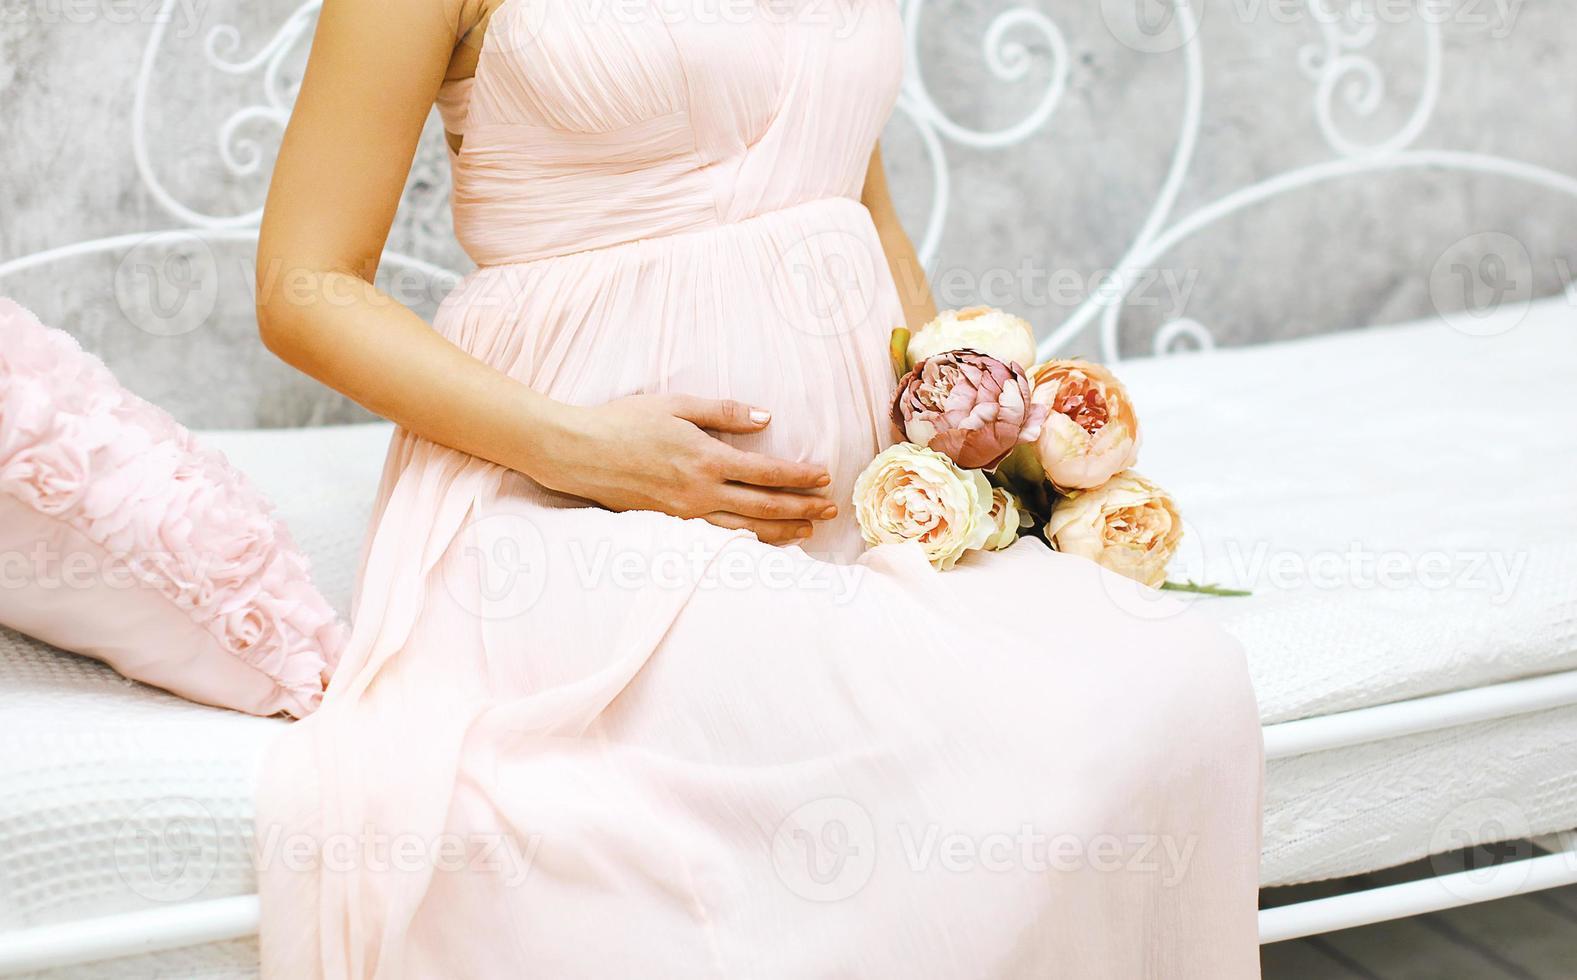 zwangerschap, moederschap en gelukkig toekomstig zwanger moederconcept - foto